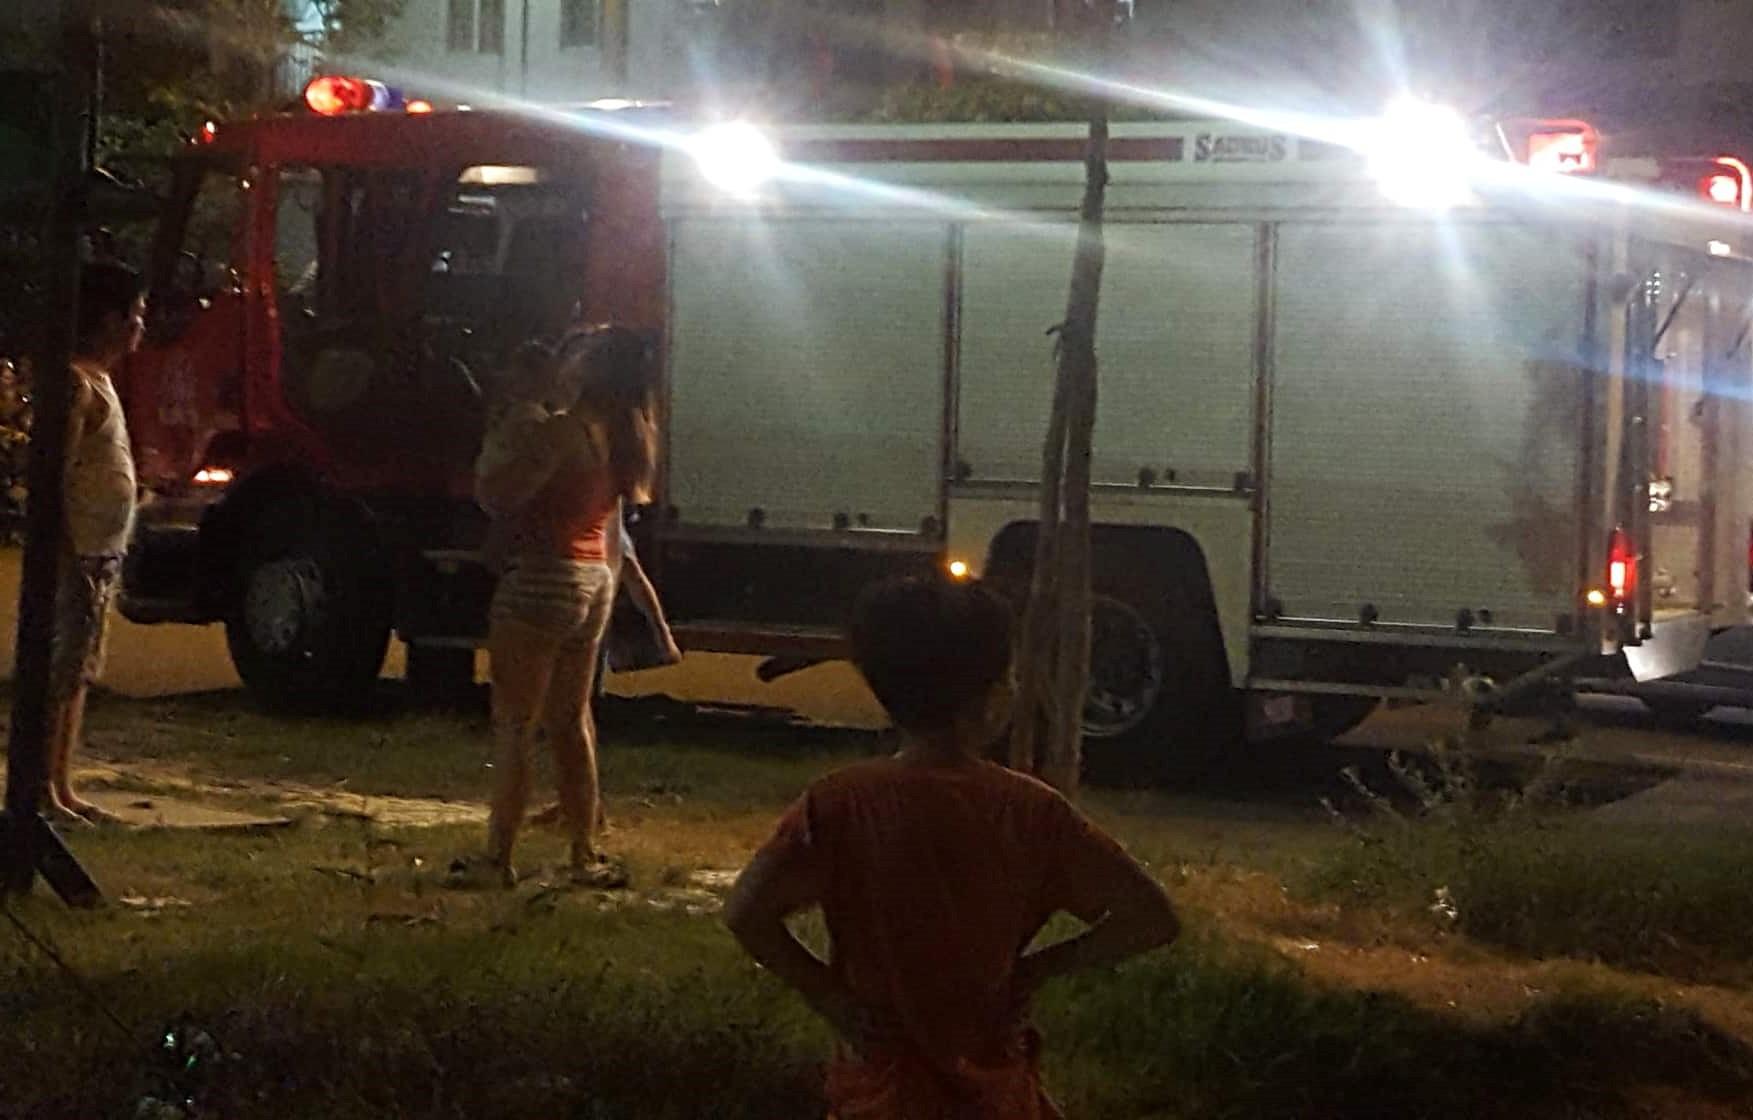 Thắp hương cúng rằm làm cháy chung cư ở Đà Nẵng, nhiều người tháo chạy trong đêm - Ảnh 4.